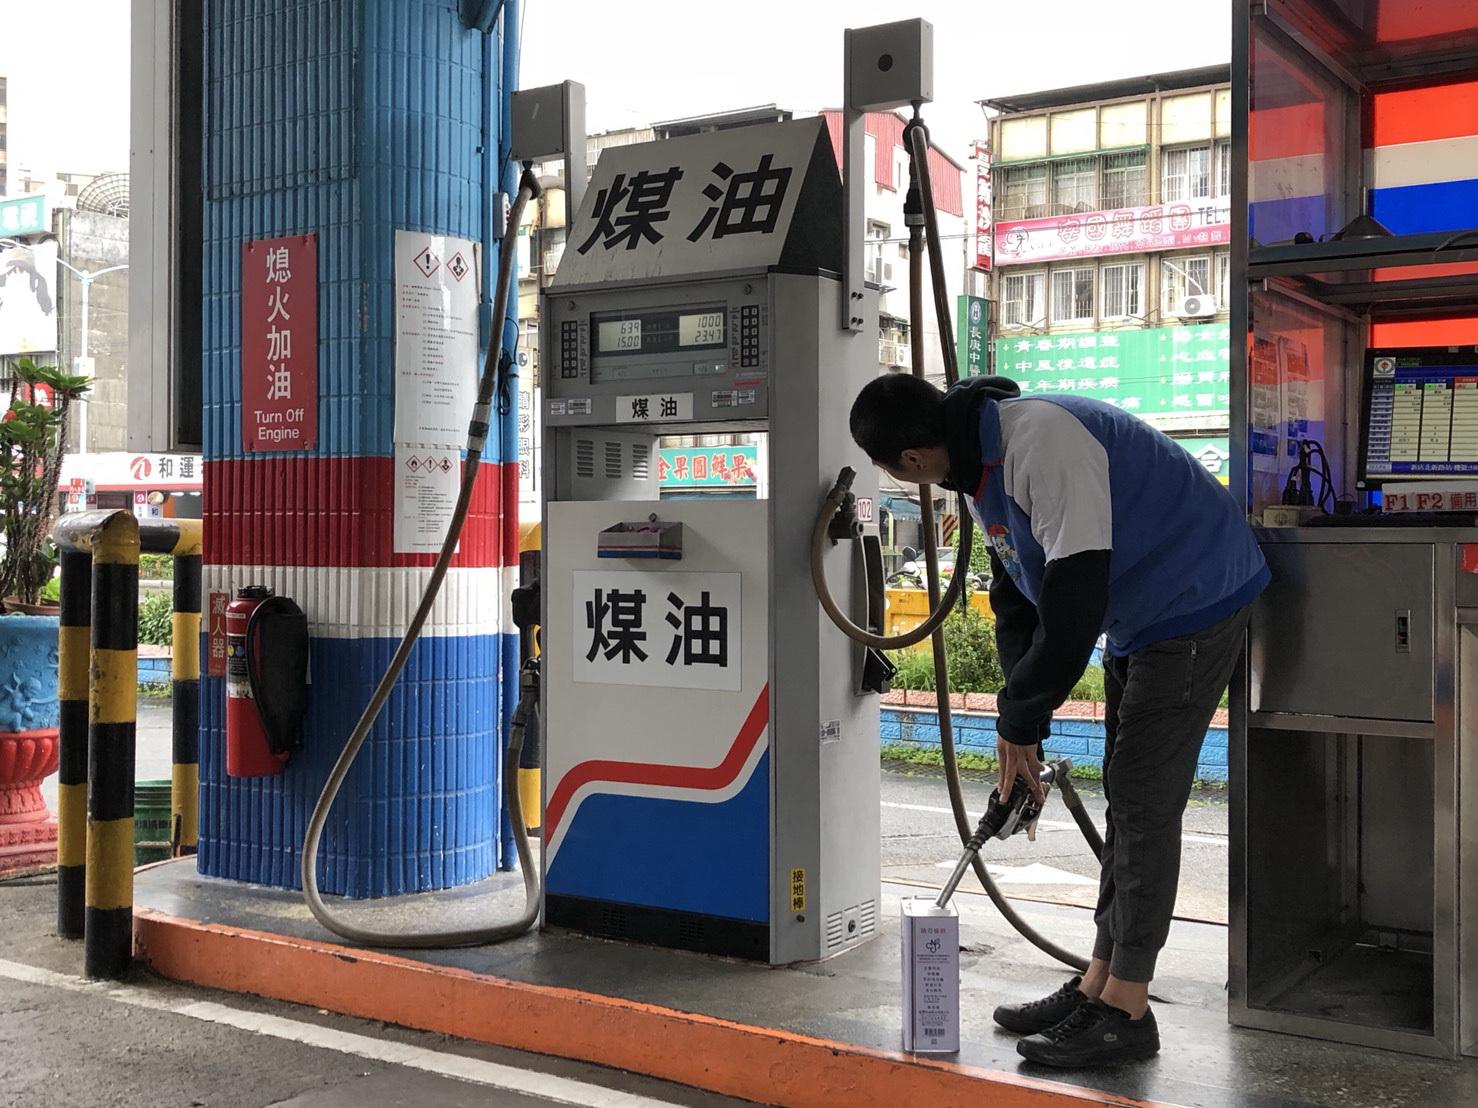 中油公司澄清 國內煤油價格隨國際行情漲跌幅調整 絕無發「寒冬財」   蘭陽新聞網 LanyangNews